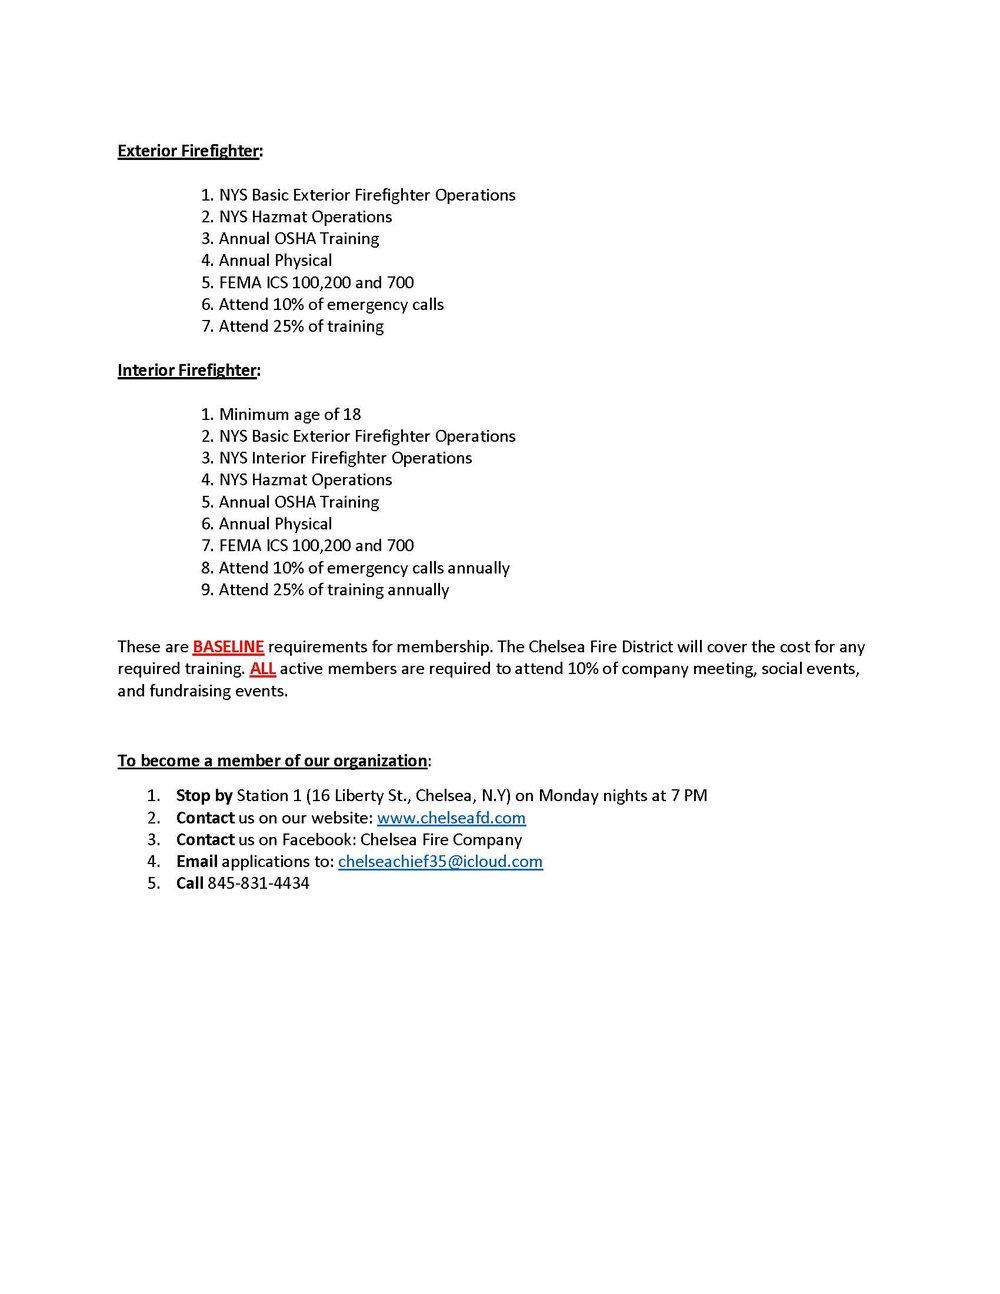 Membership press release_Page_3.jpg